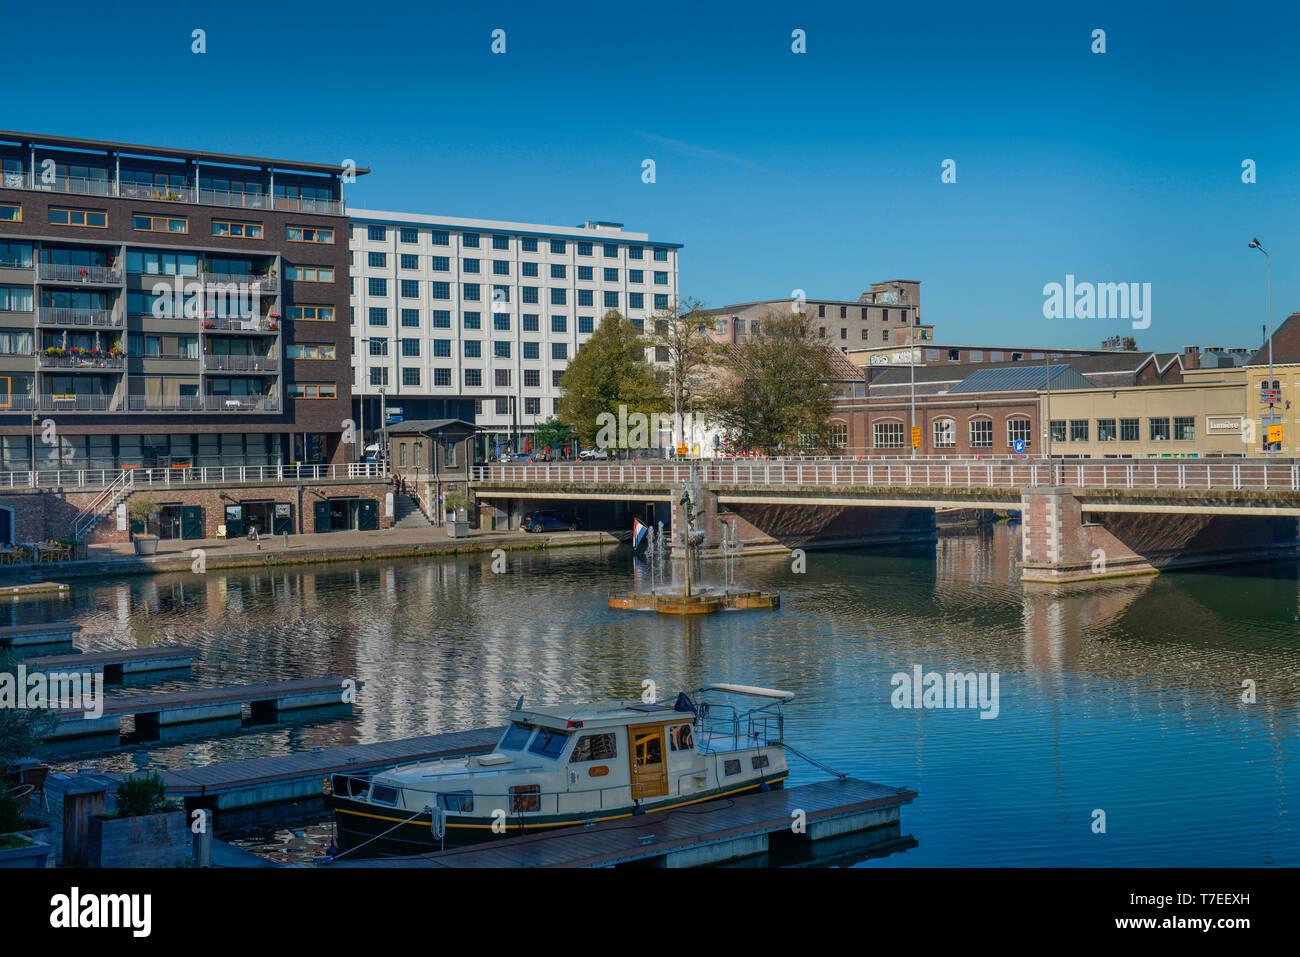 Binnenhafen Bassin, Maastricht, Niederlande - Stock Image